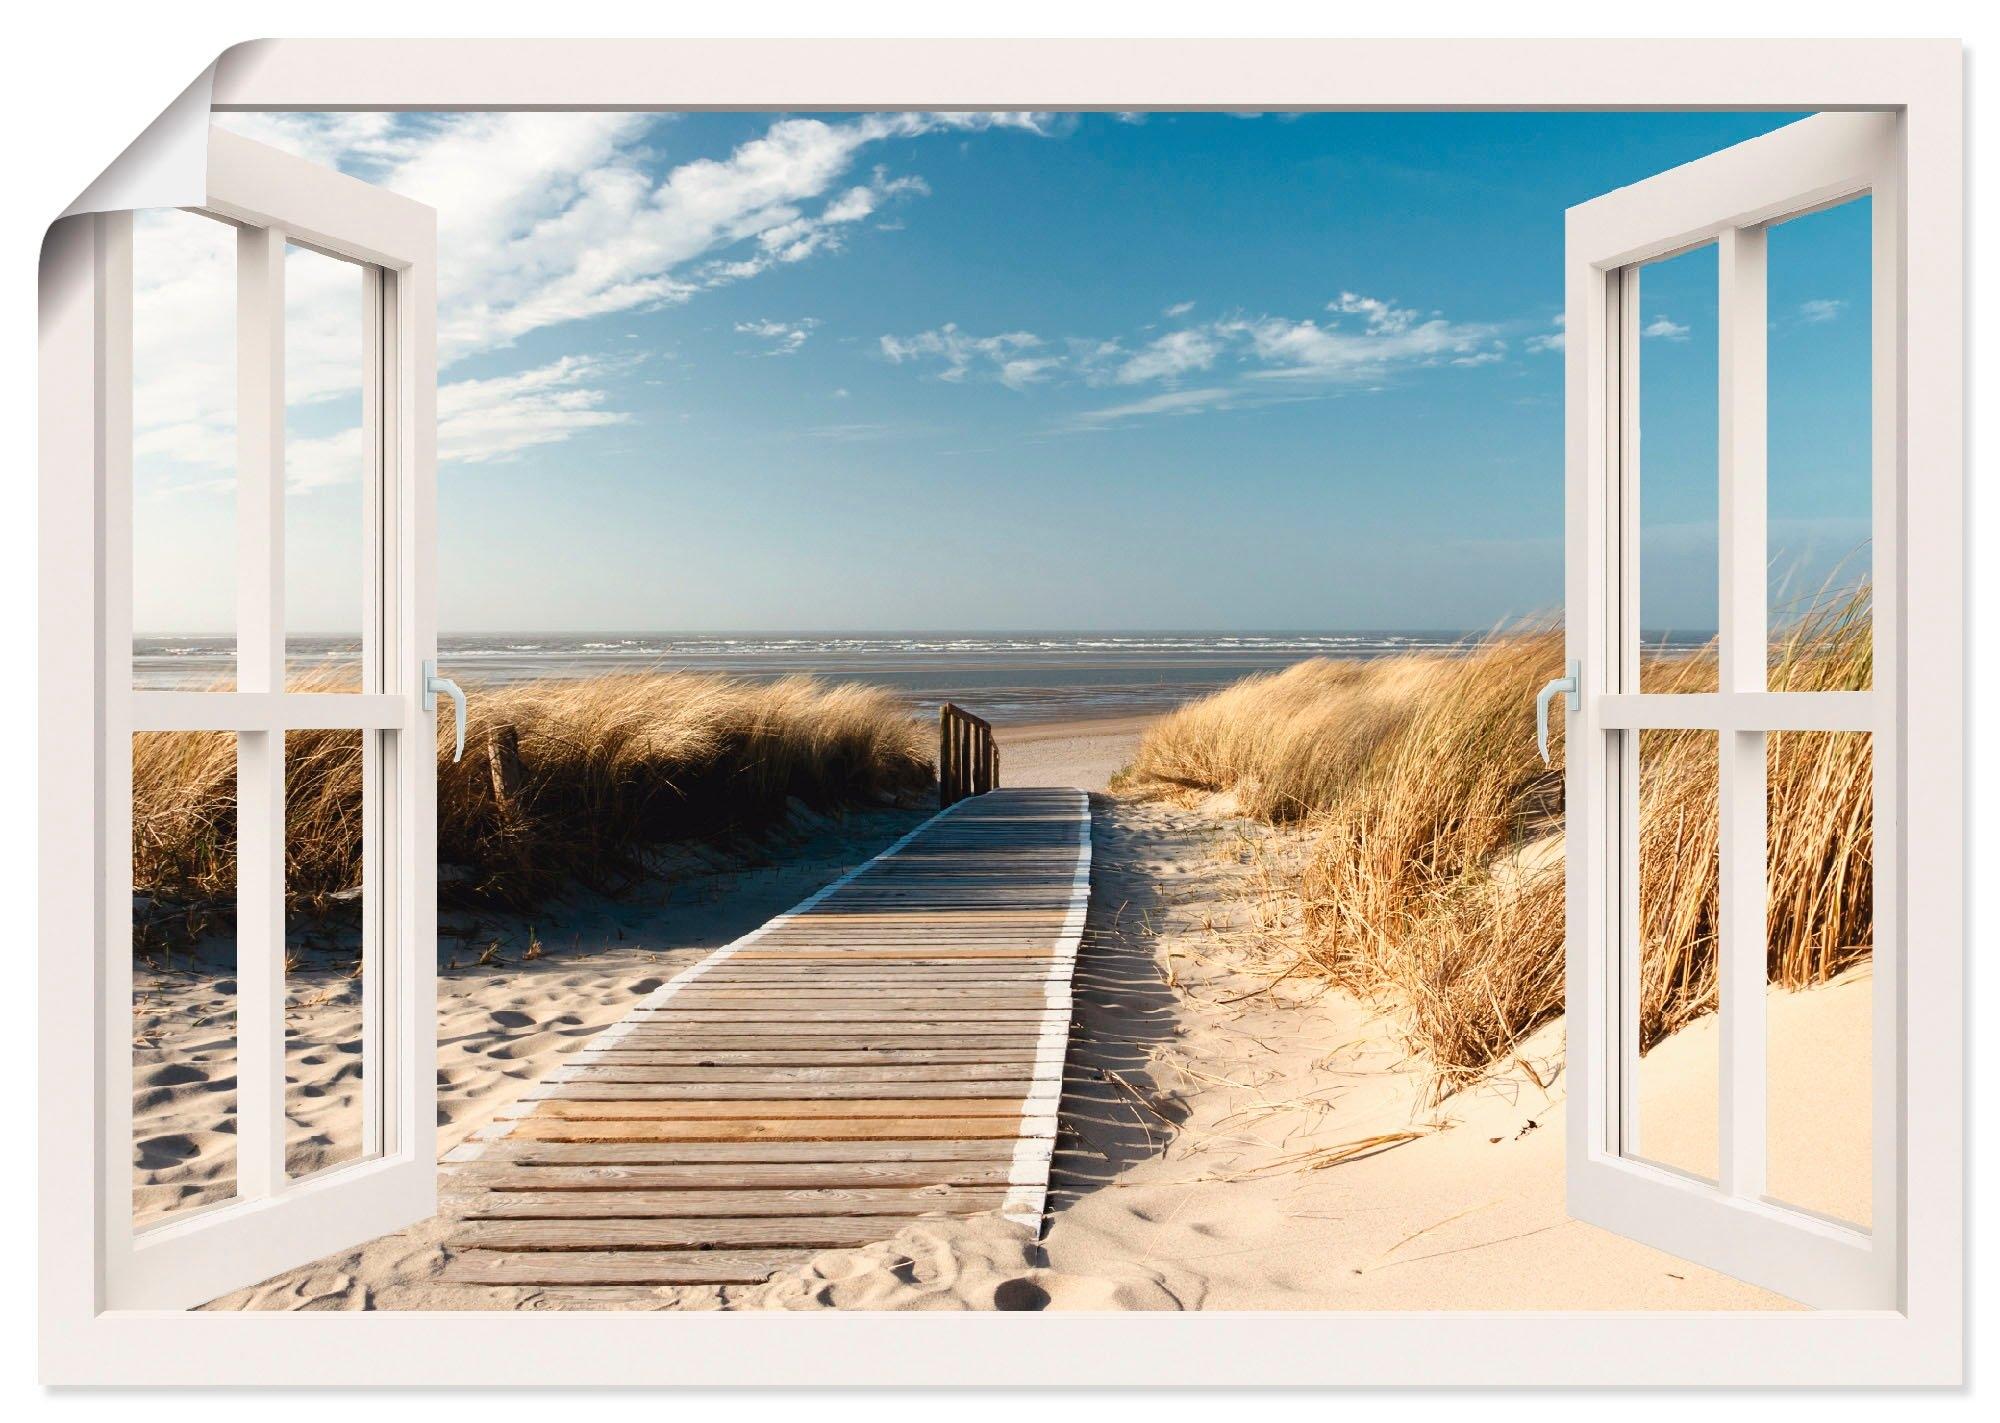 Artland artprint »Fensterblick Nordseestrand auf Langeoog« goedkoop op otto.nl kopen